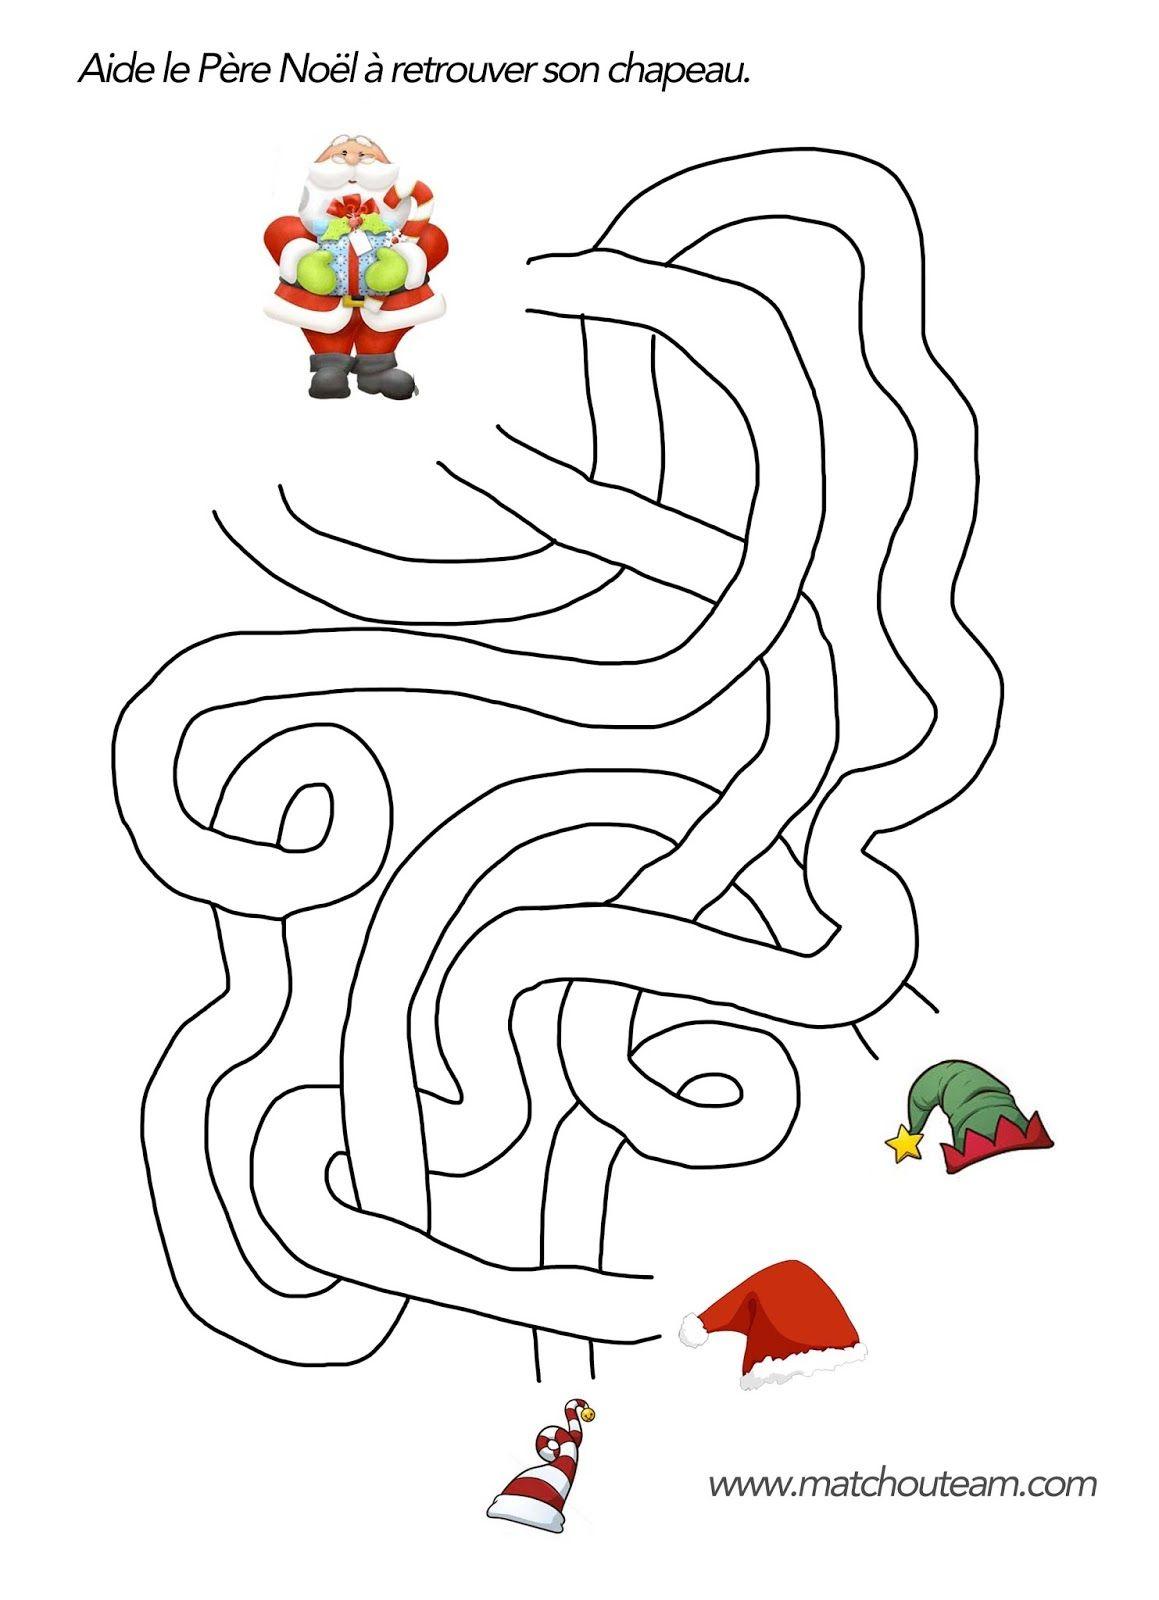 Coloriages Et Jeux Pour Noël | Coloriage Noel, Noel Et à Coloriage Père Noel Gratuit À Imprimer